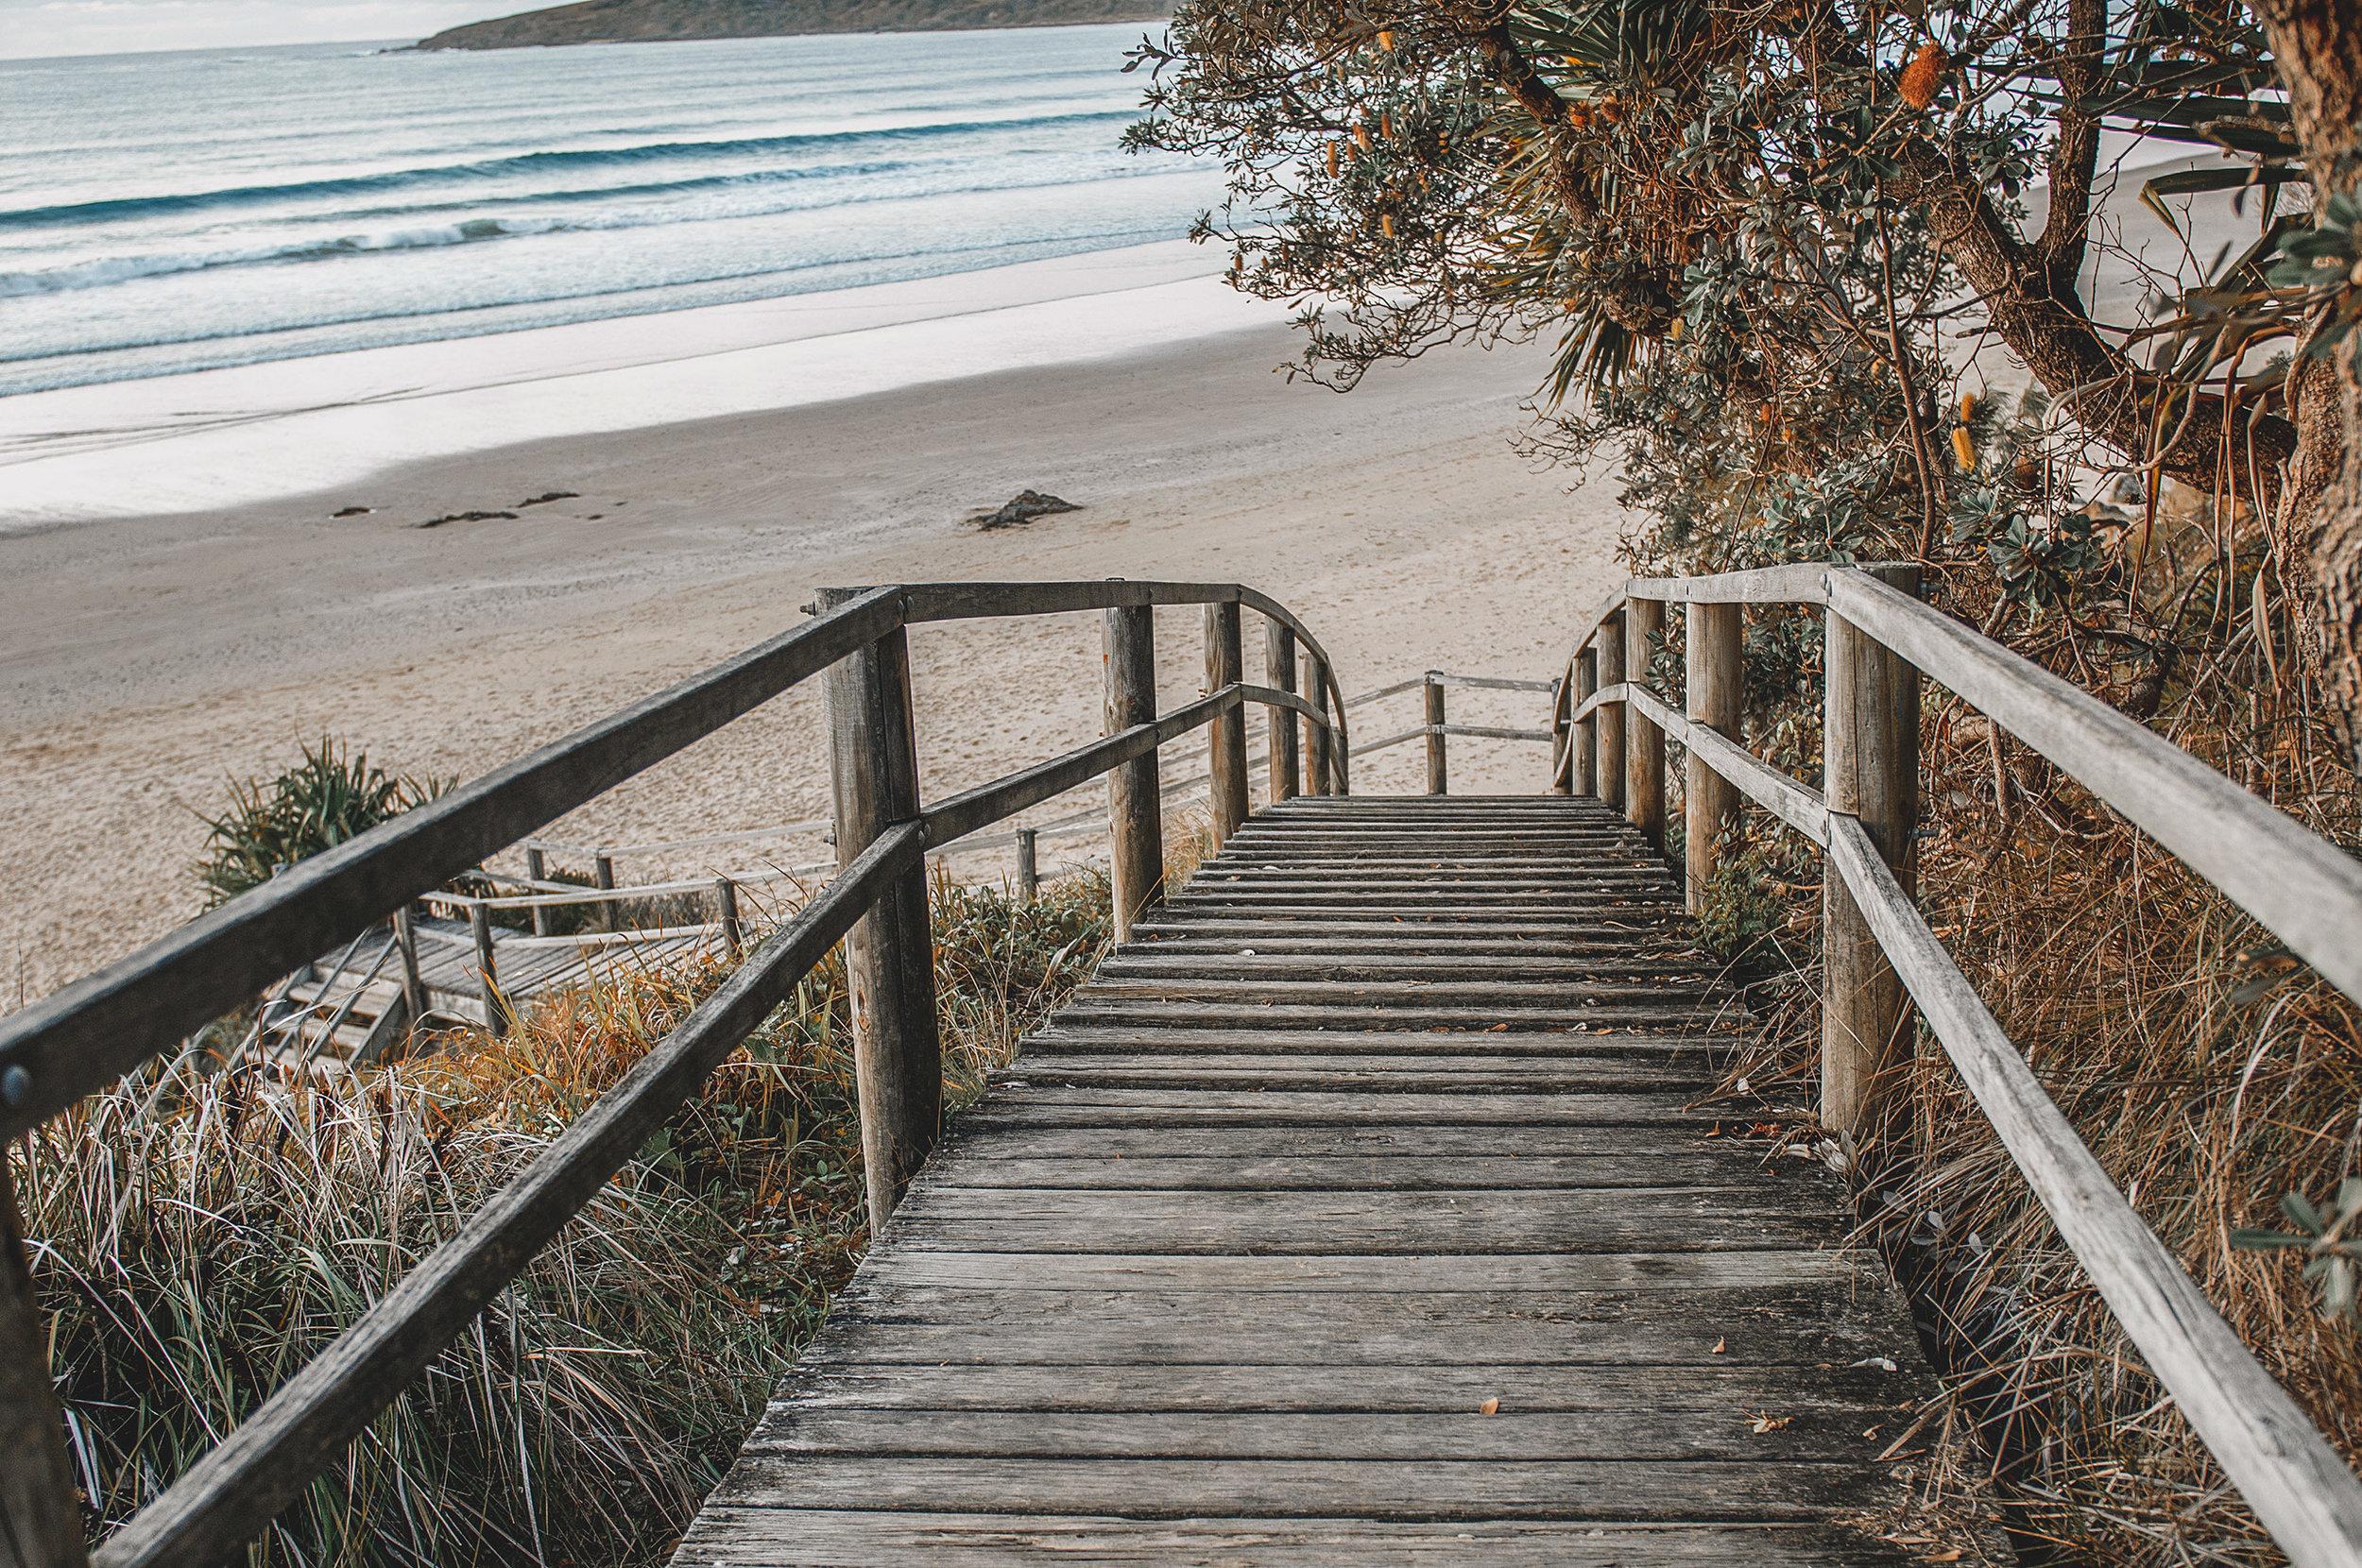 Barellen-3a-Beach-Ocean-Landscapes-Beach-Access.jpg